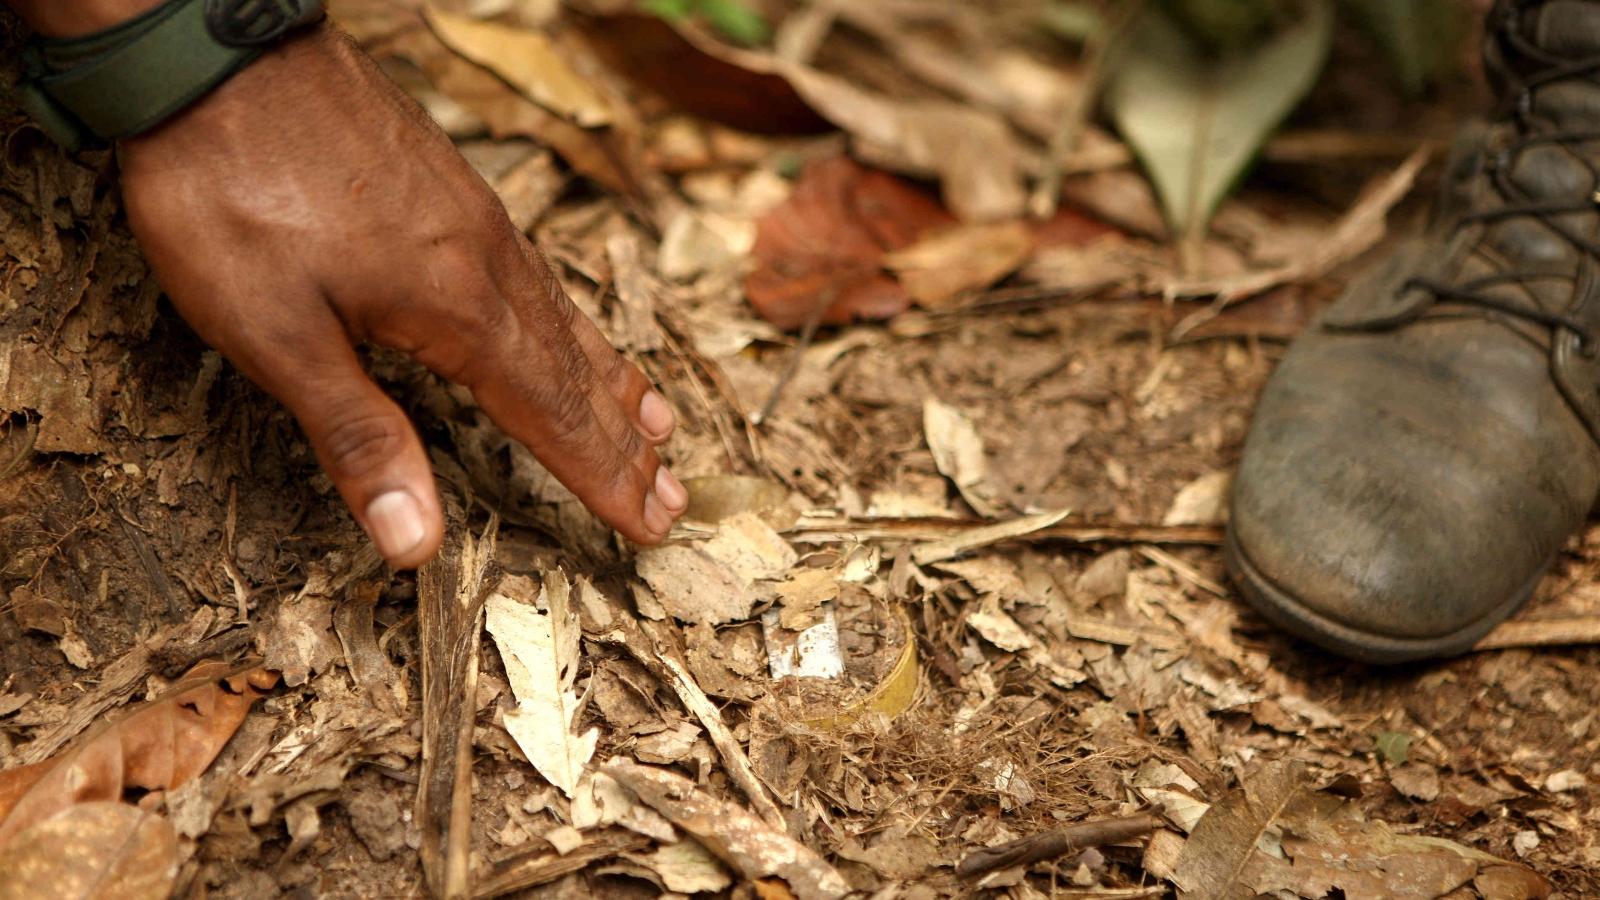 historias//colombia-registro-181-victimas-de-artefactos-explosivos-en-el-primer-semestre-del-2020